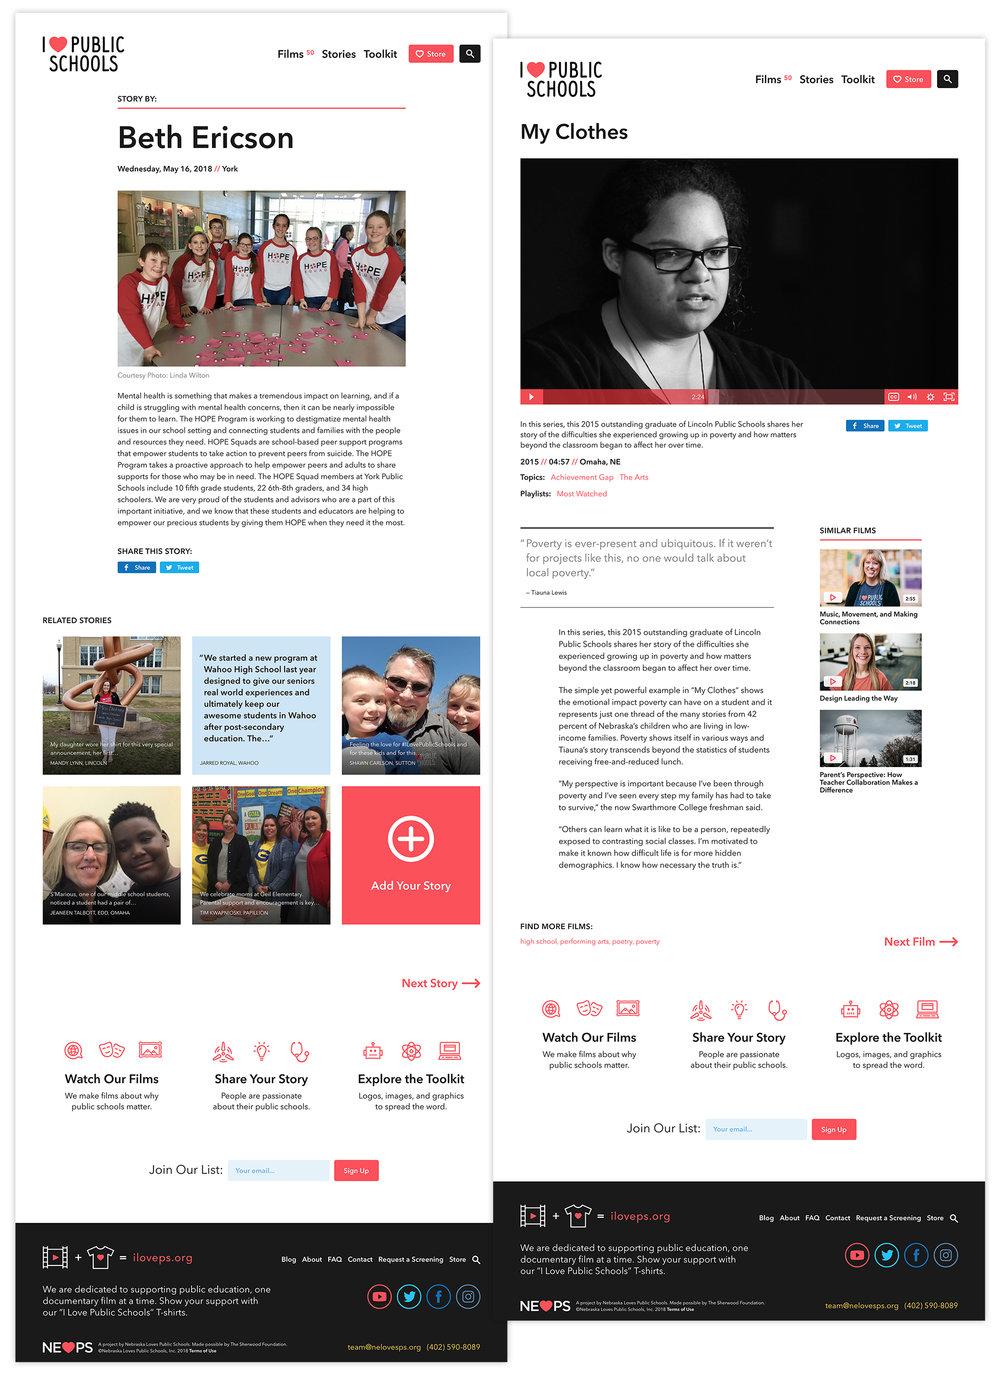 jkdc_ilovepublicschools-pagedesigns-2.jpg